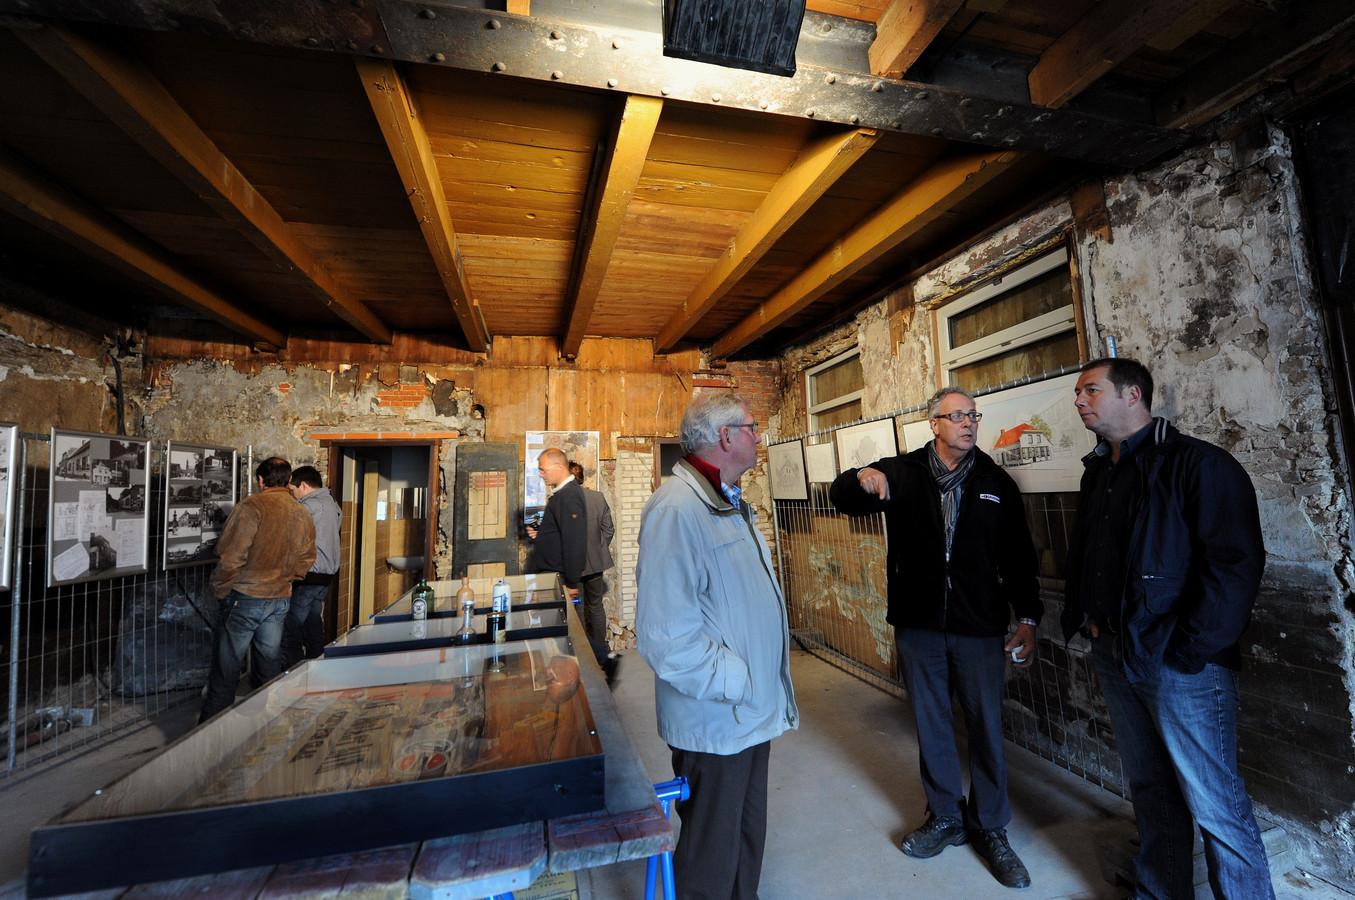 Karel Bartelen (2e van rechts) geeft uitleg over zijn plannen met café Onder de Toren. Foto Edmund Messerschmidt/ het fotoburo